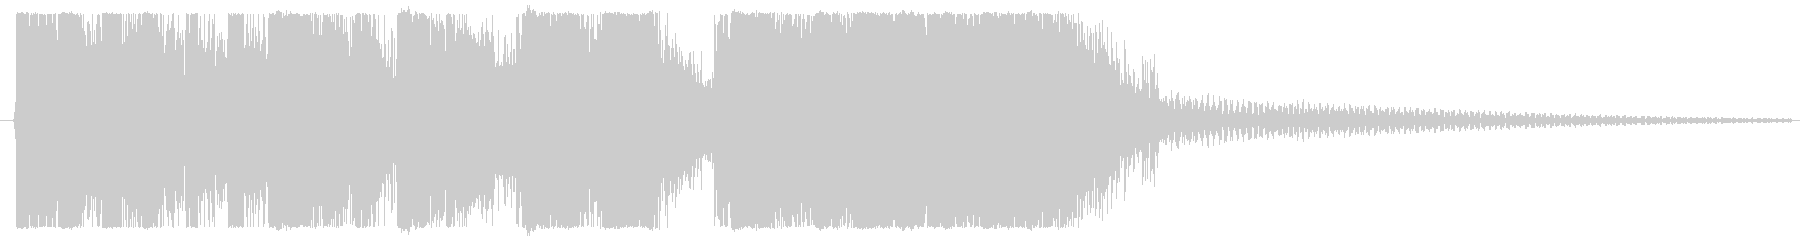 嬉しい・おしゃれ・かわいいファンファーレの未再生の波形